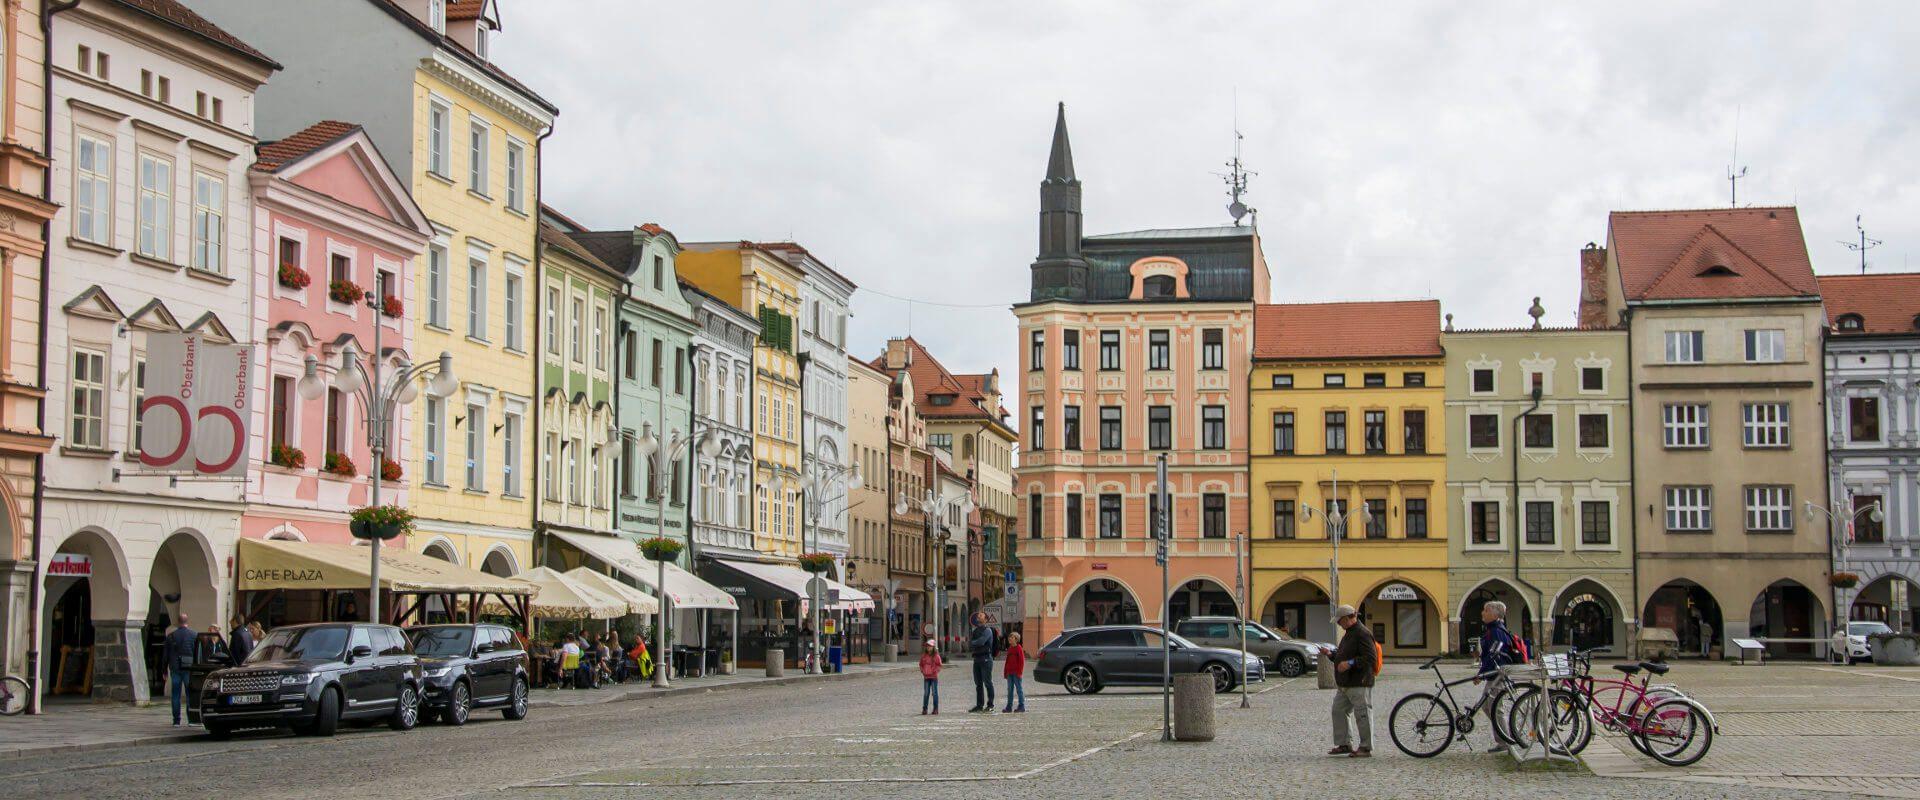 Pilzno i Czeskie Budziejowice w weekend - co zwiedzić?